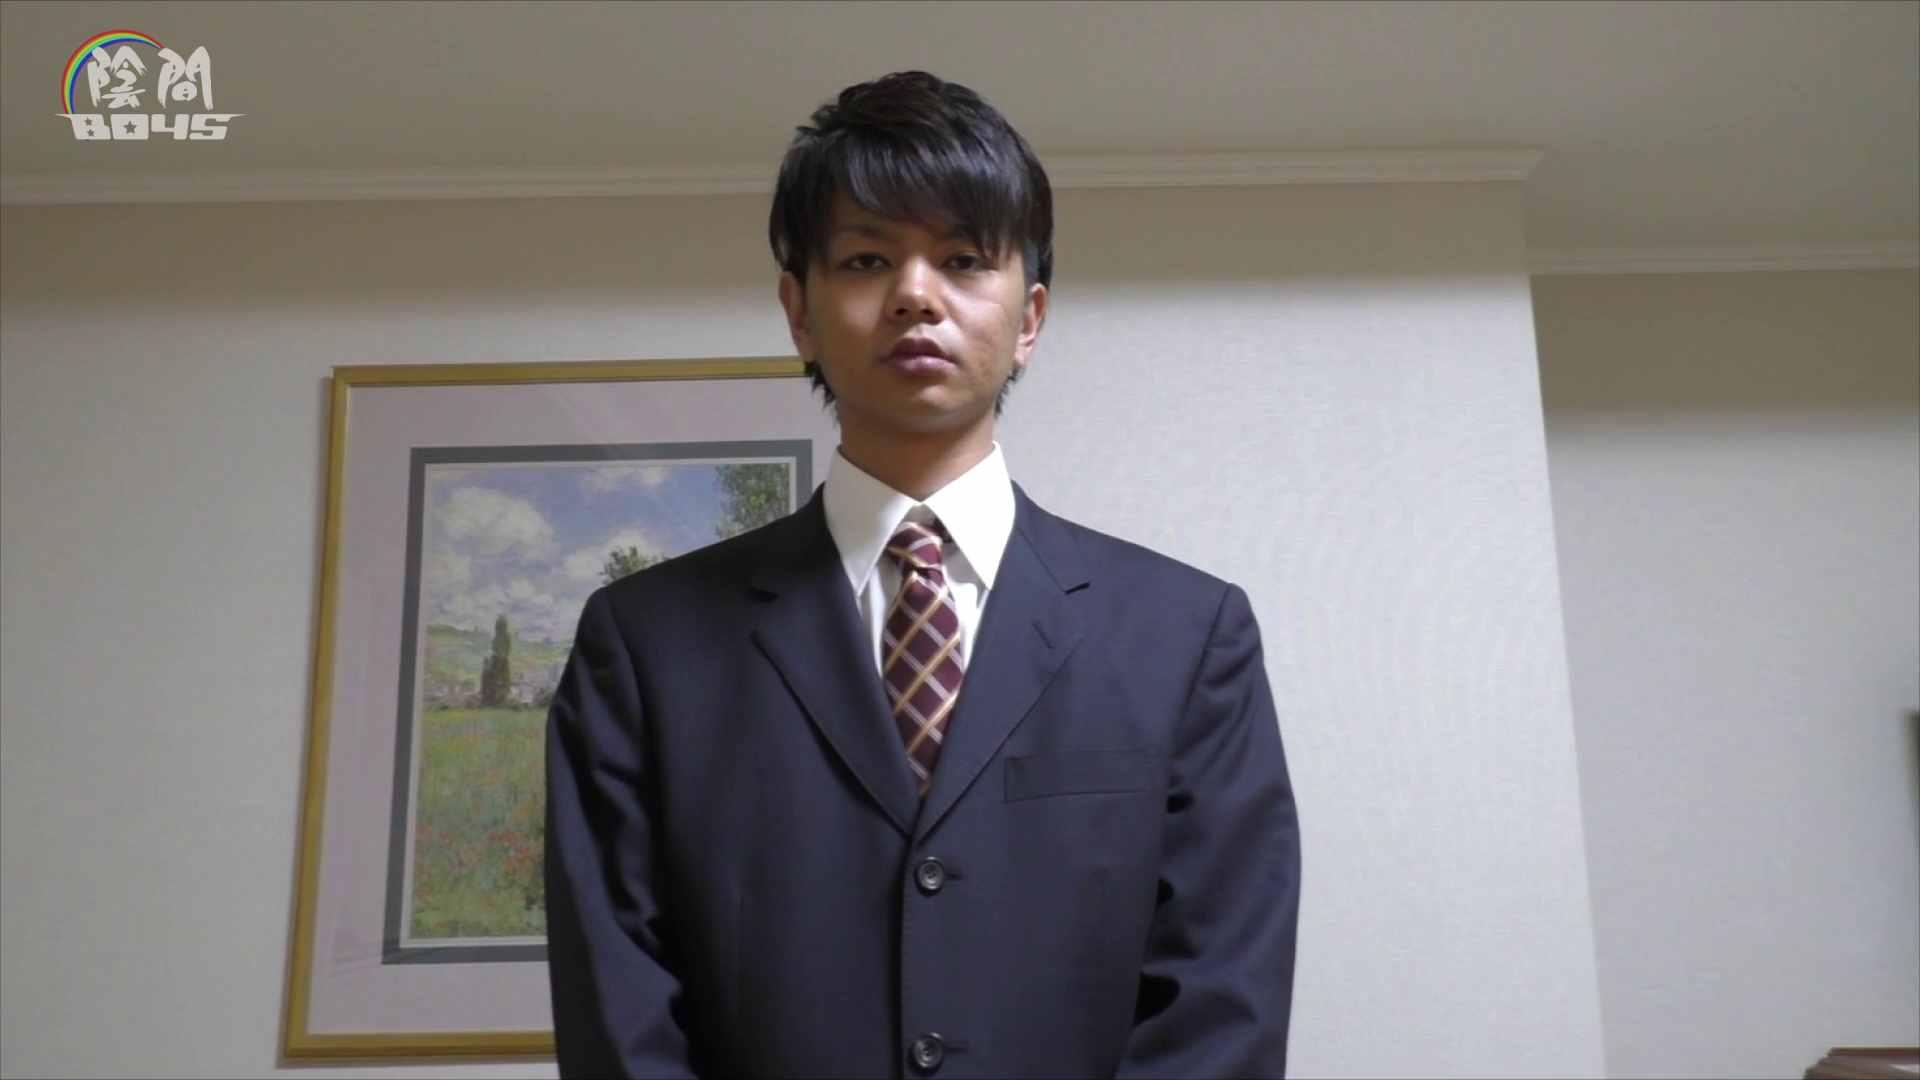 陰間BOYS~キャバクラの仕事はアナルから4 Vol.01 男どうし ゲイモロ画像 108pic 5